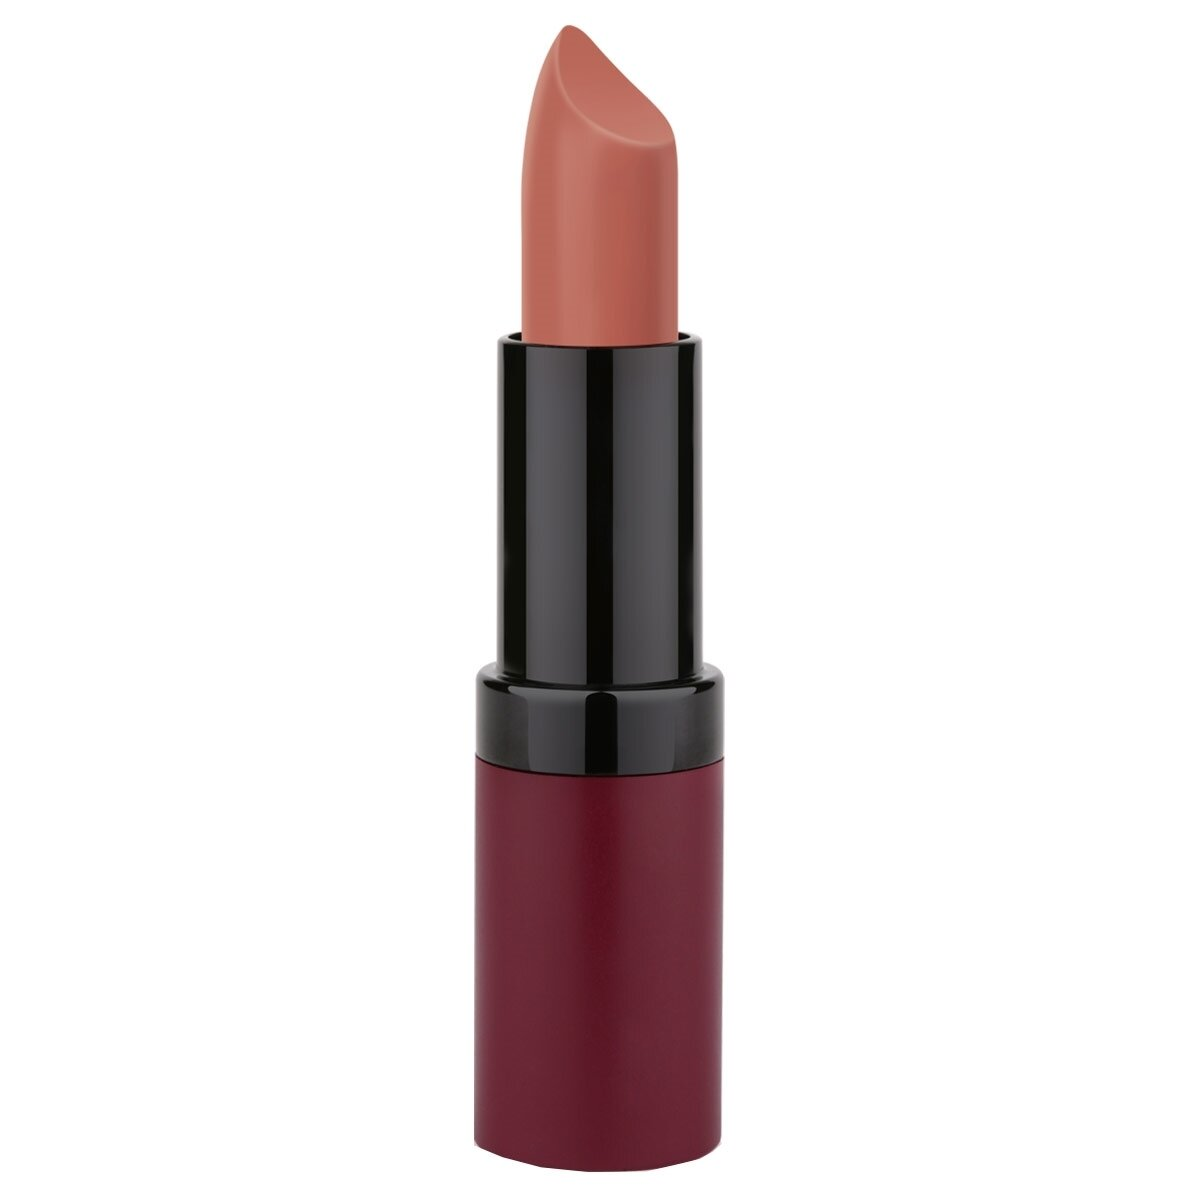 Velvet Matte Lipstick RujNo. 27